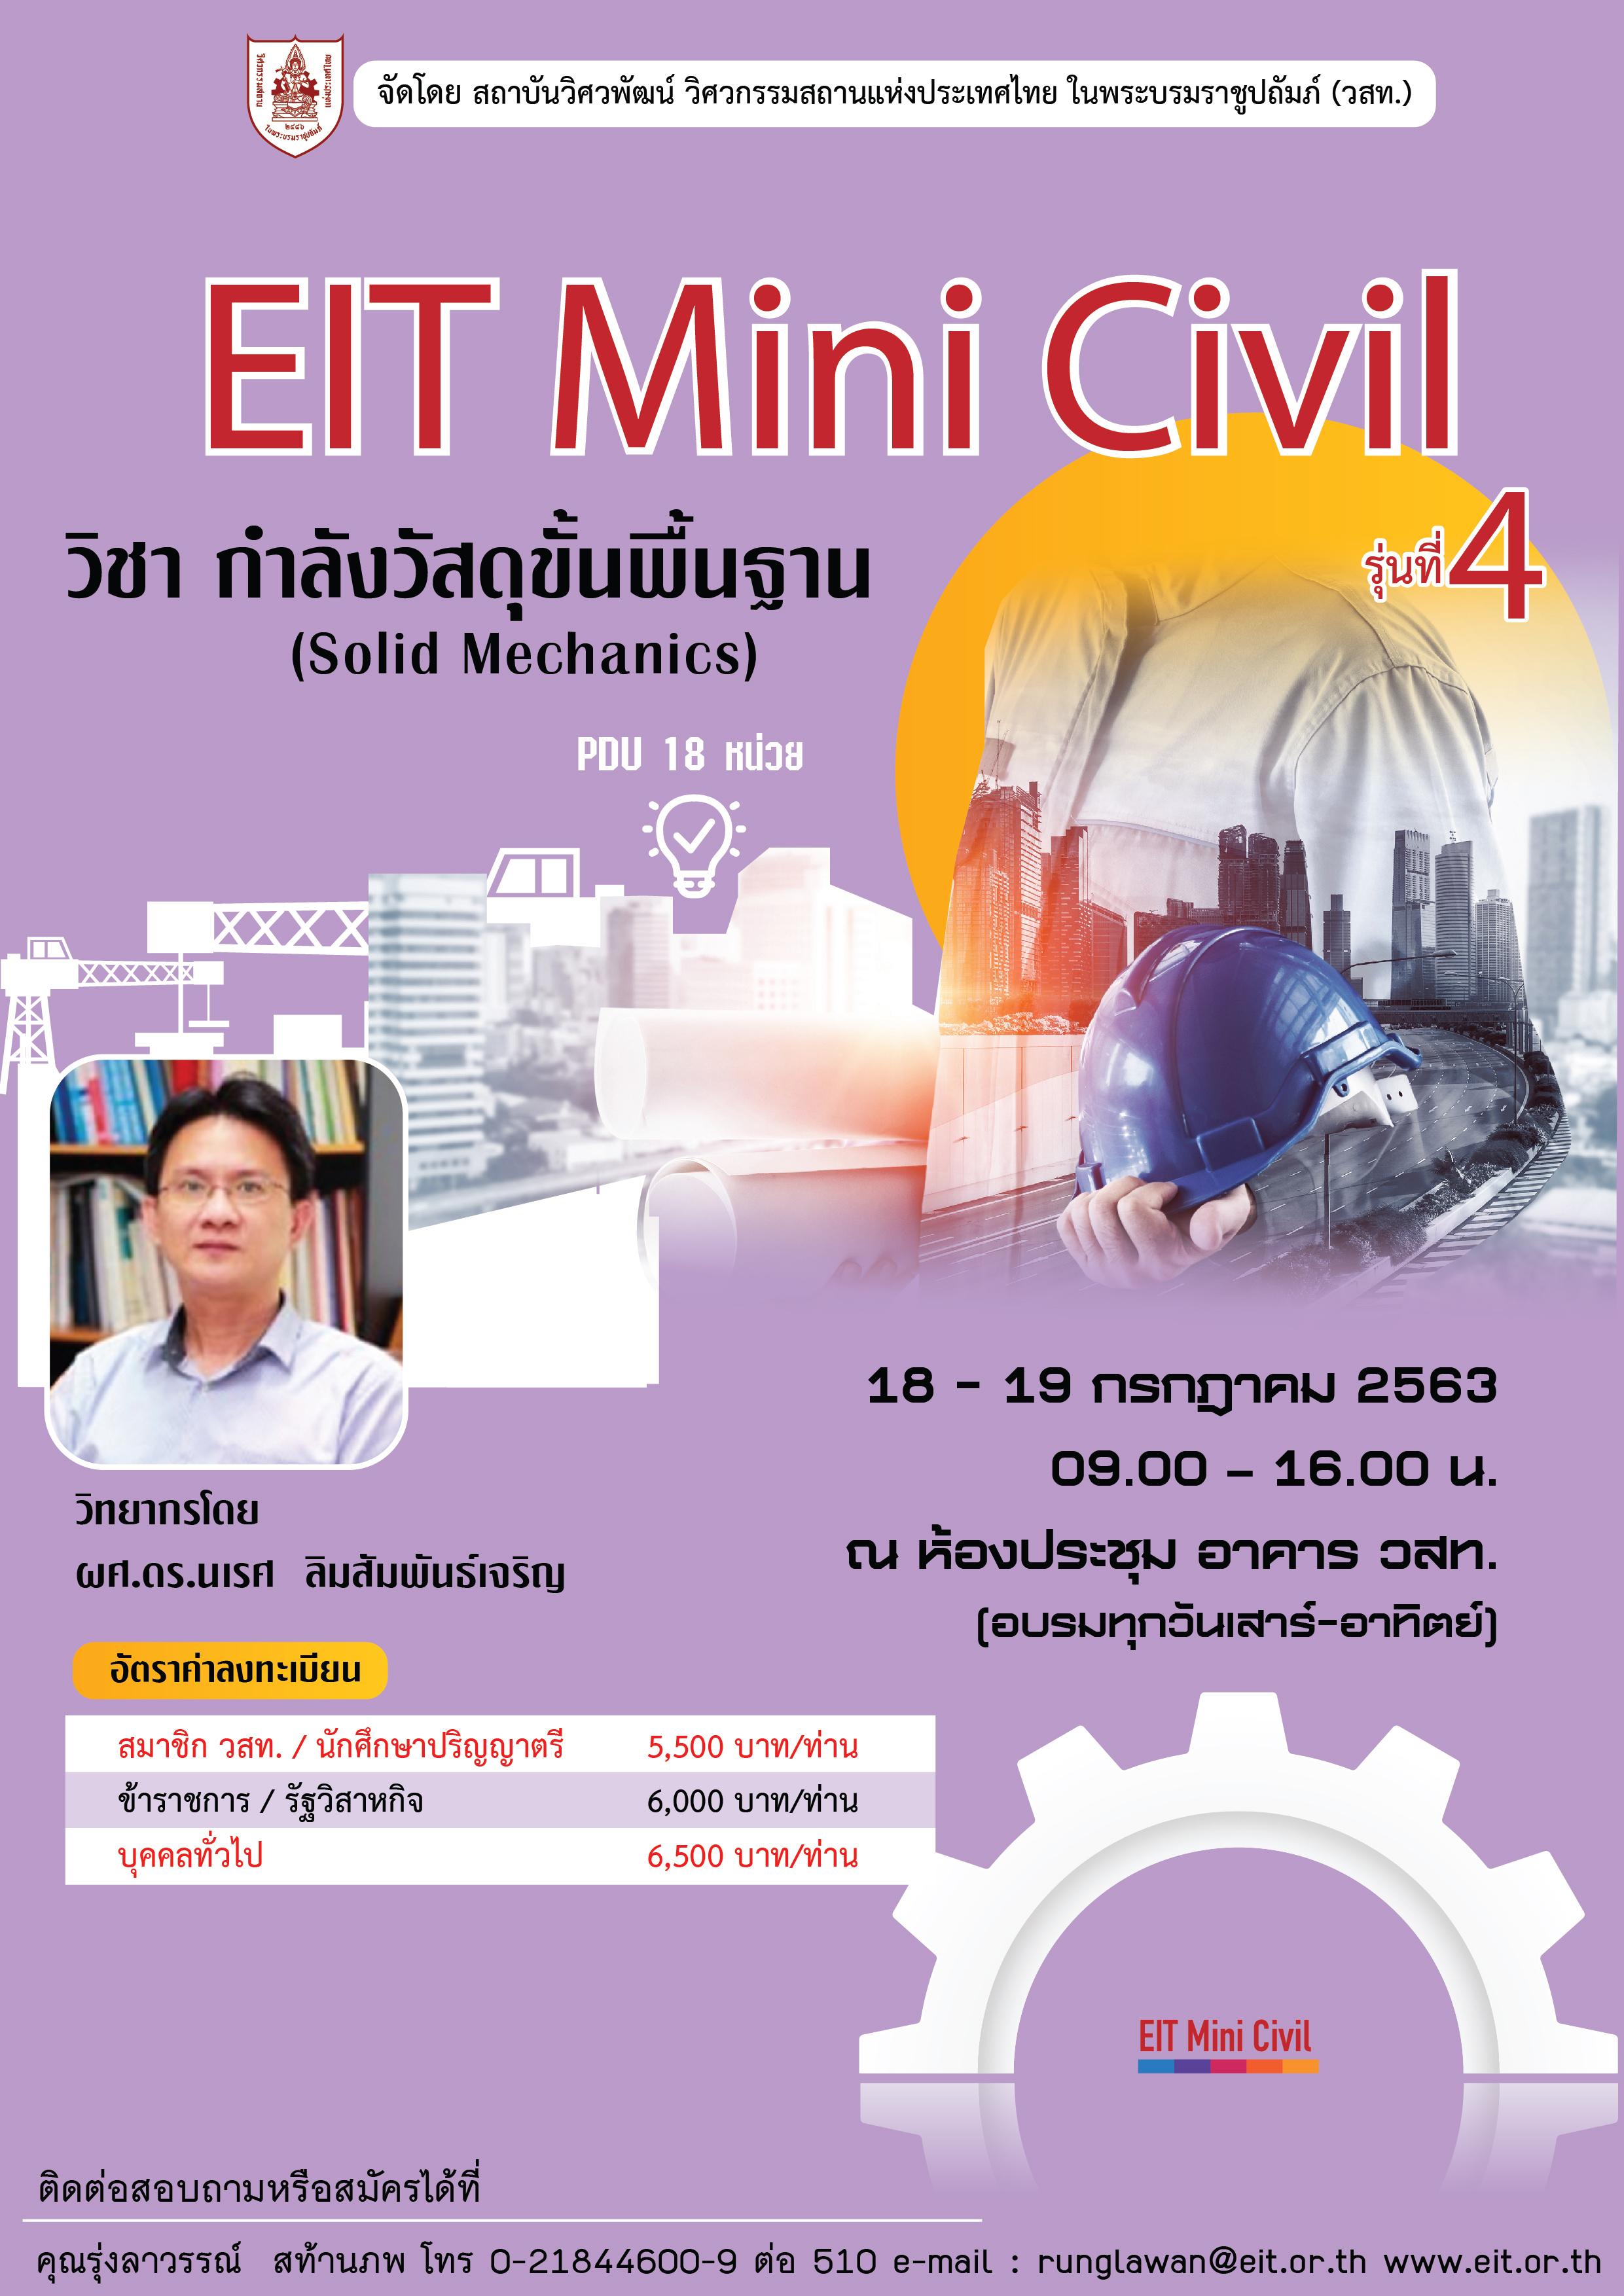 18-19/07/63 การอบรมหลักสูตร EIT Mini Civil รุ่นที่ 4 วิชาที่ 3 กำลังวัสดุขั้นพื้นฐาน (Solid Mechanics)